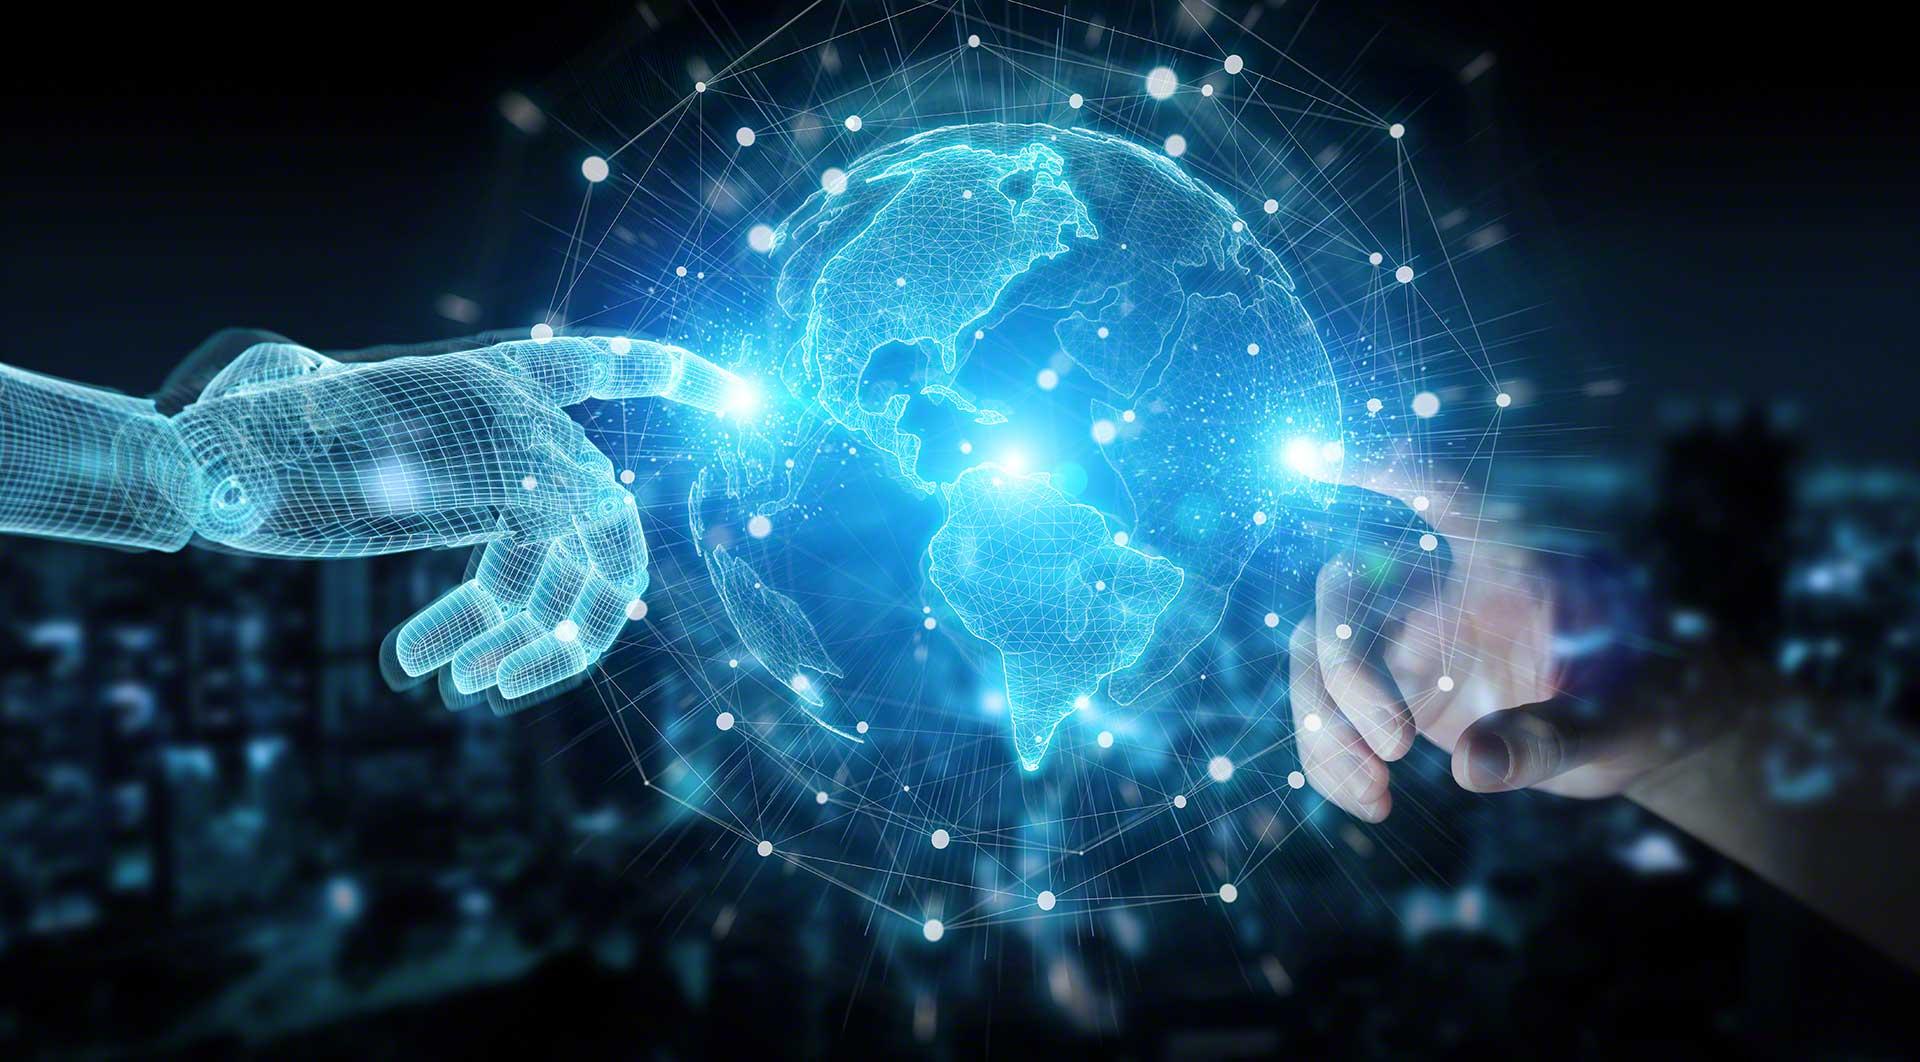 L'AIoT et la transformation digitale de l'entrepôt